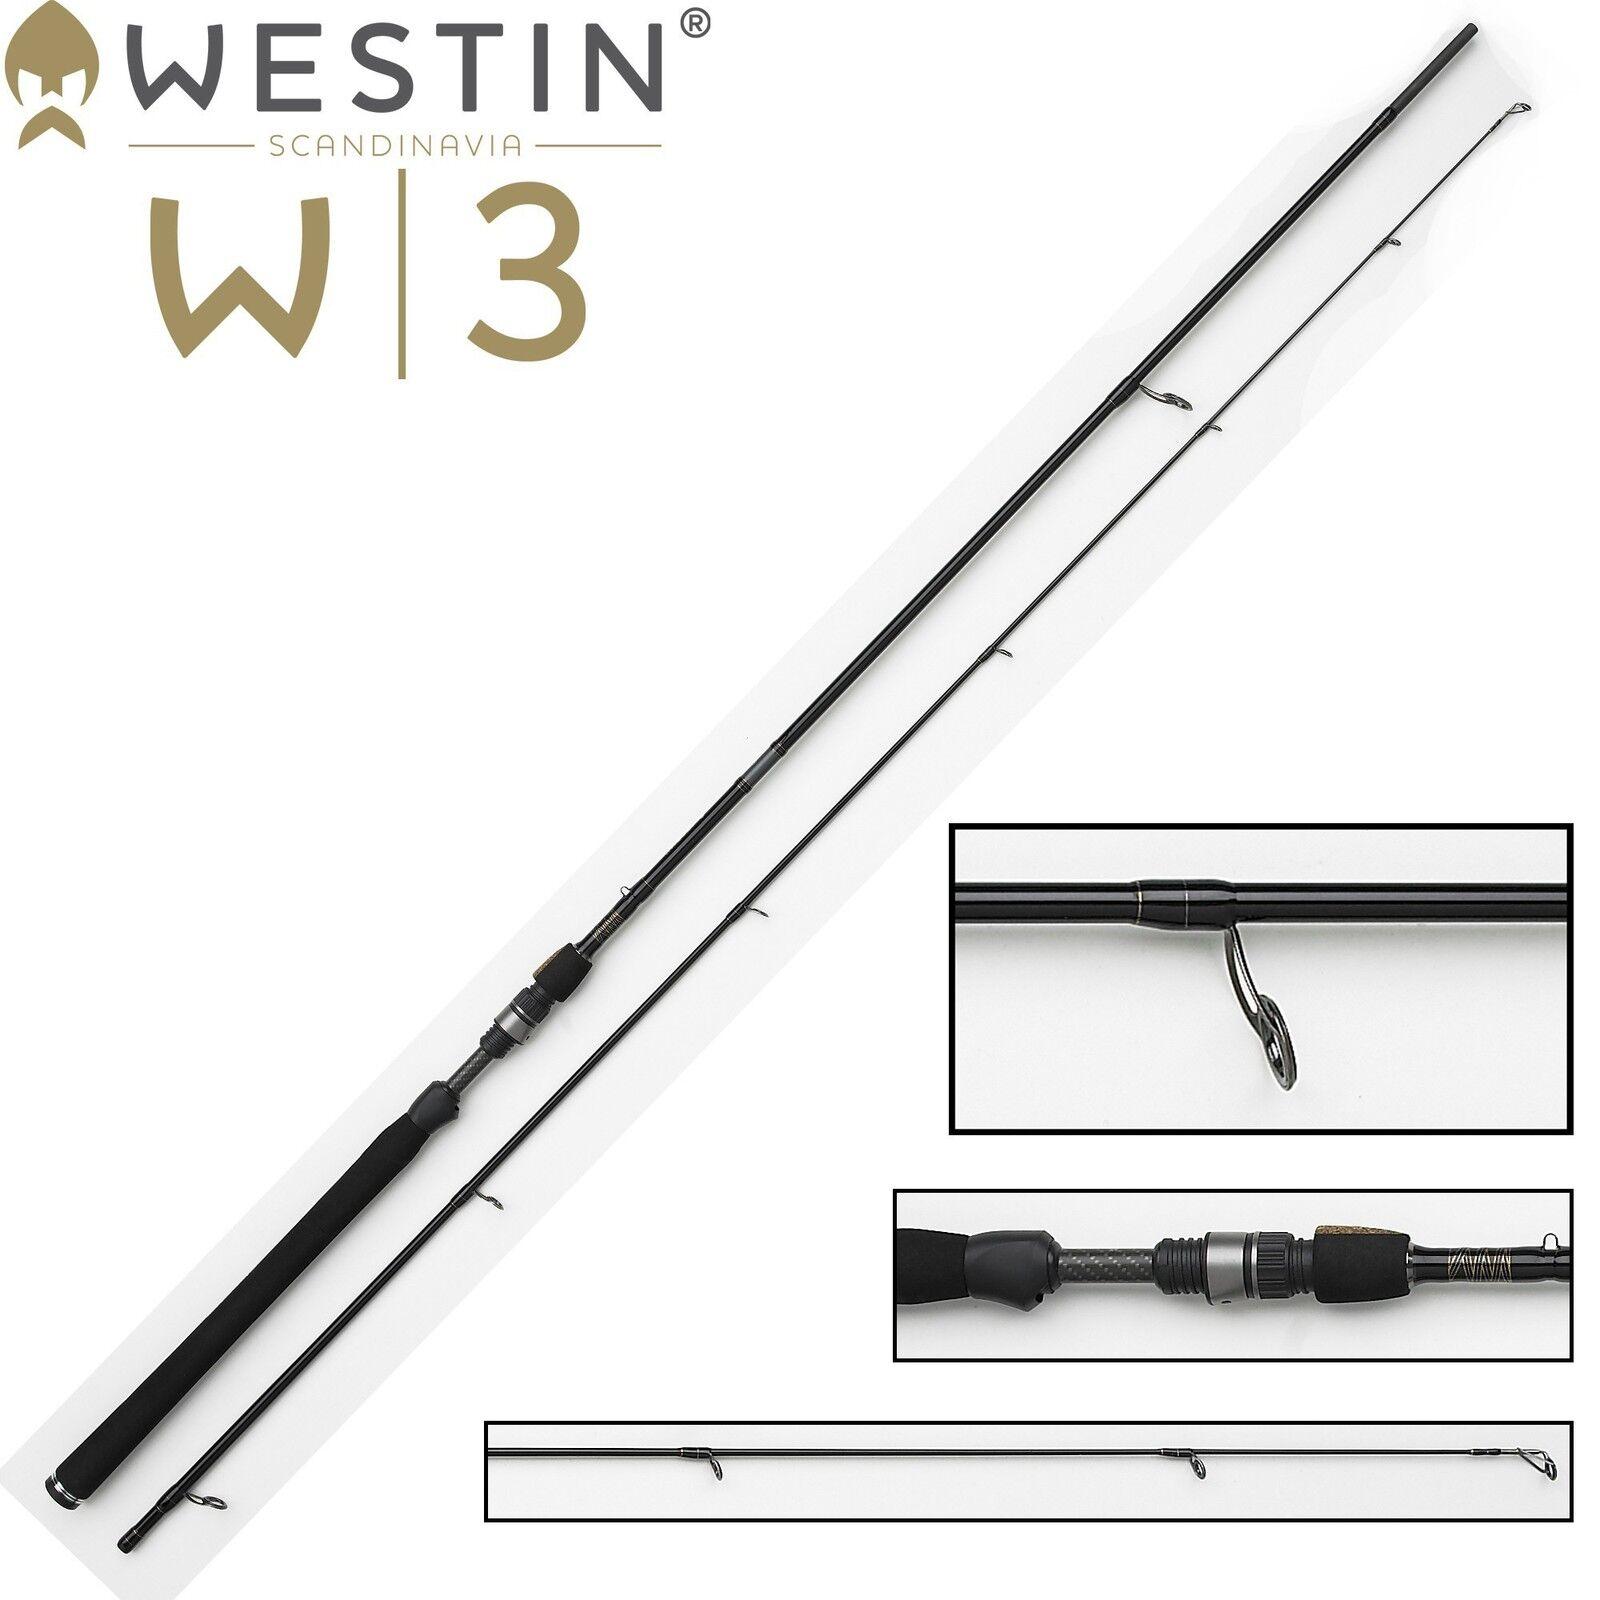 Westin Powershad W3 270 cm M M M 7-25g, Spinnrute für Barsch, Zander und Forelle 0f0a5c